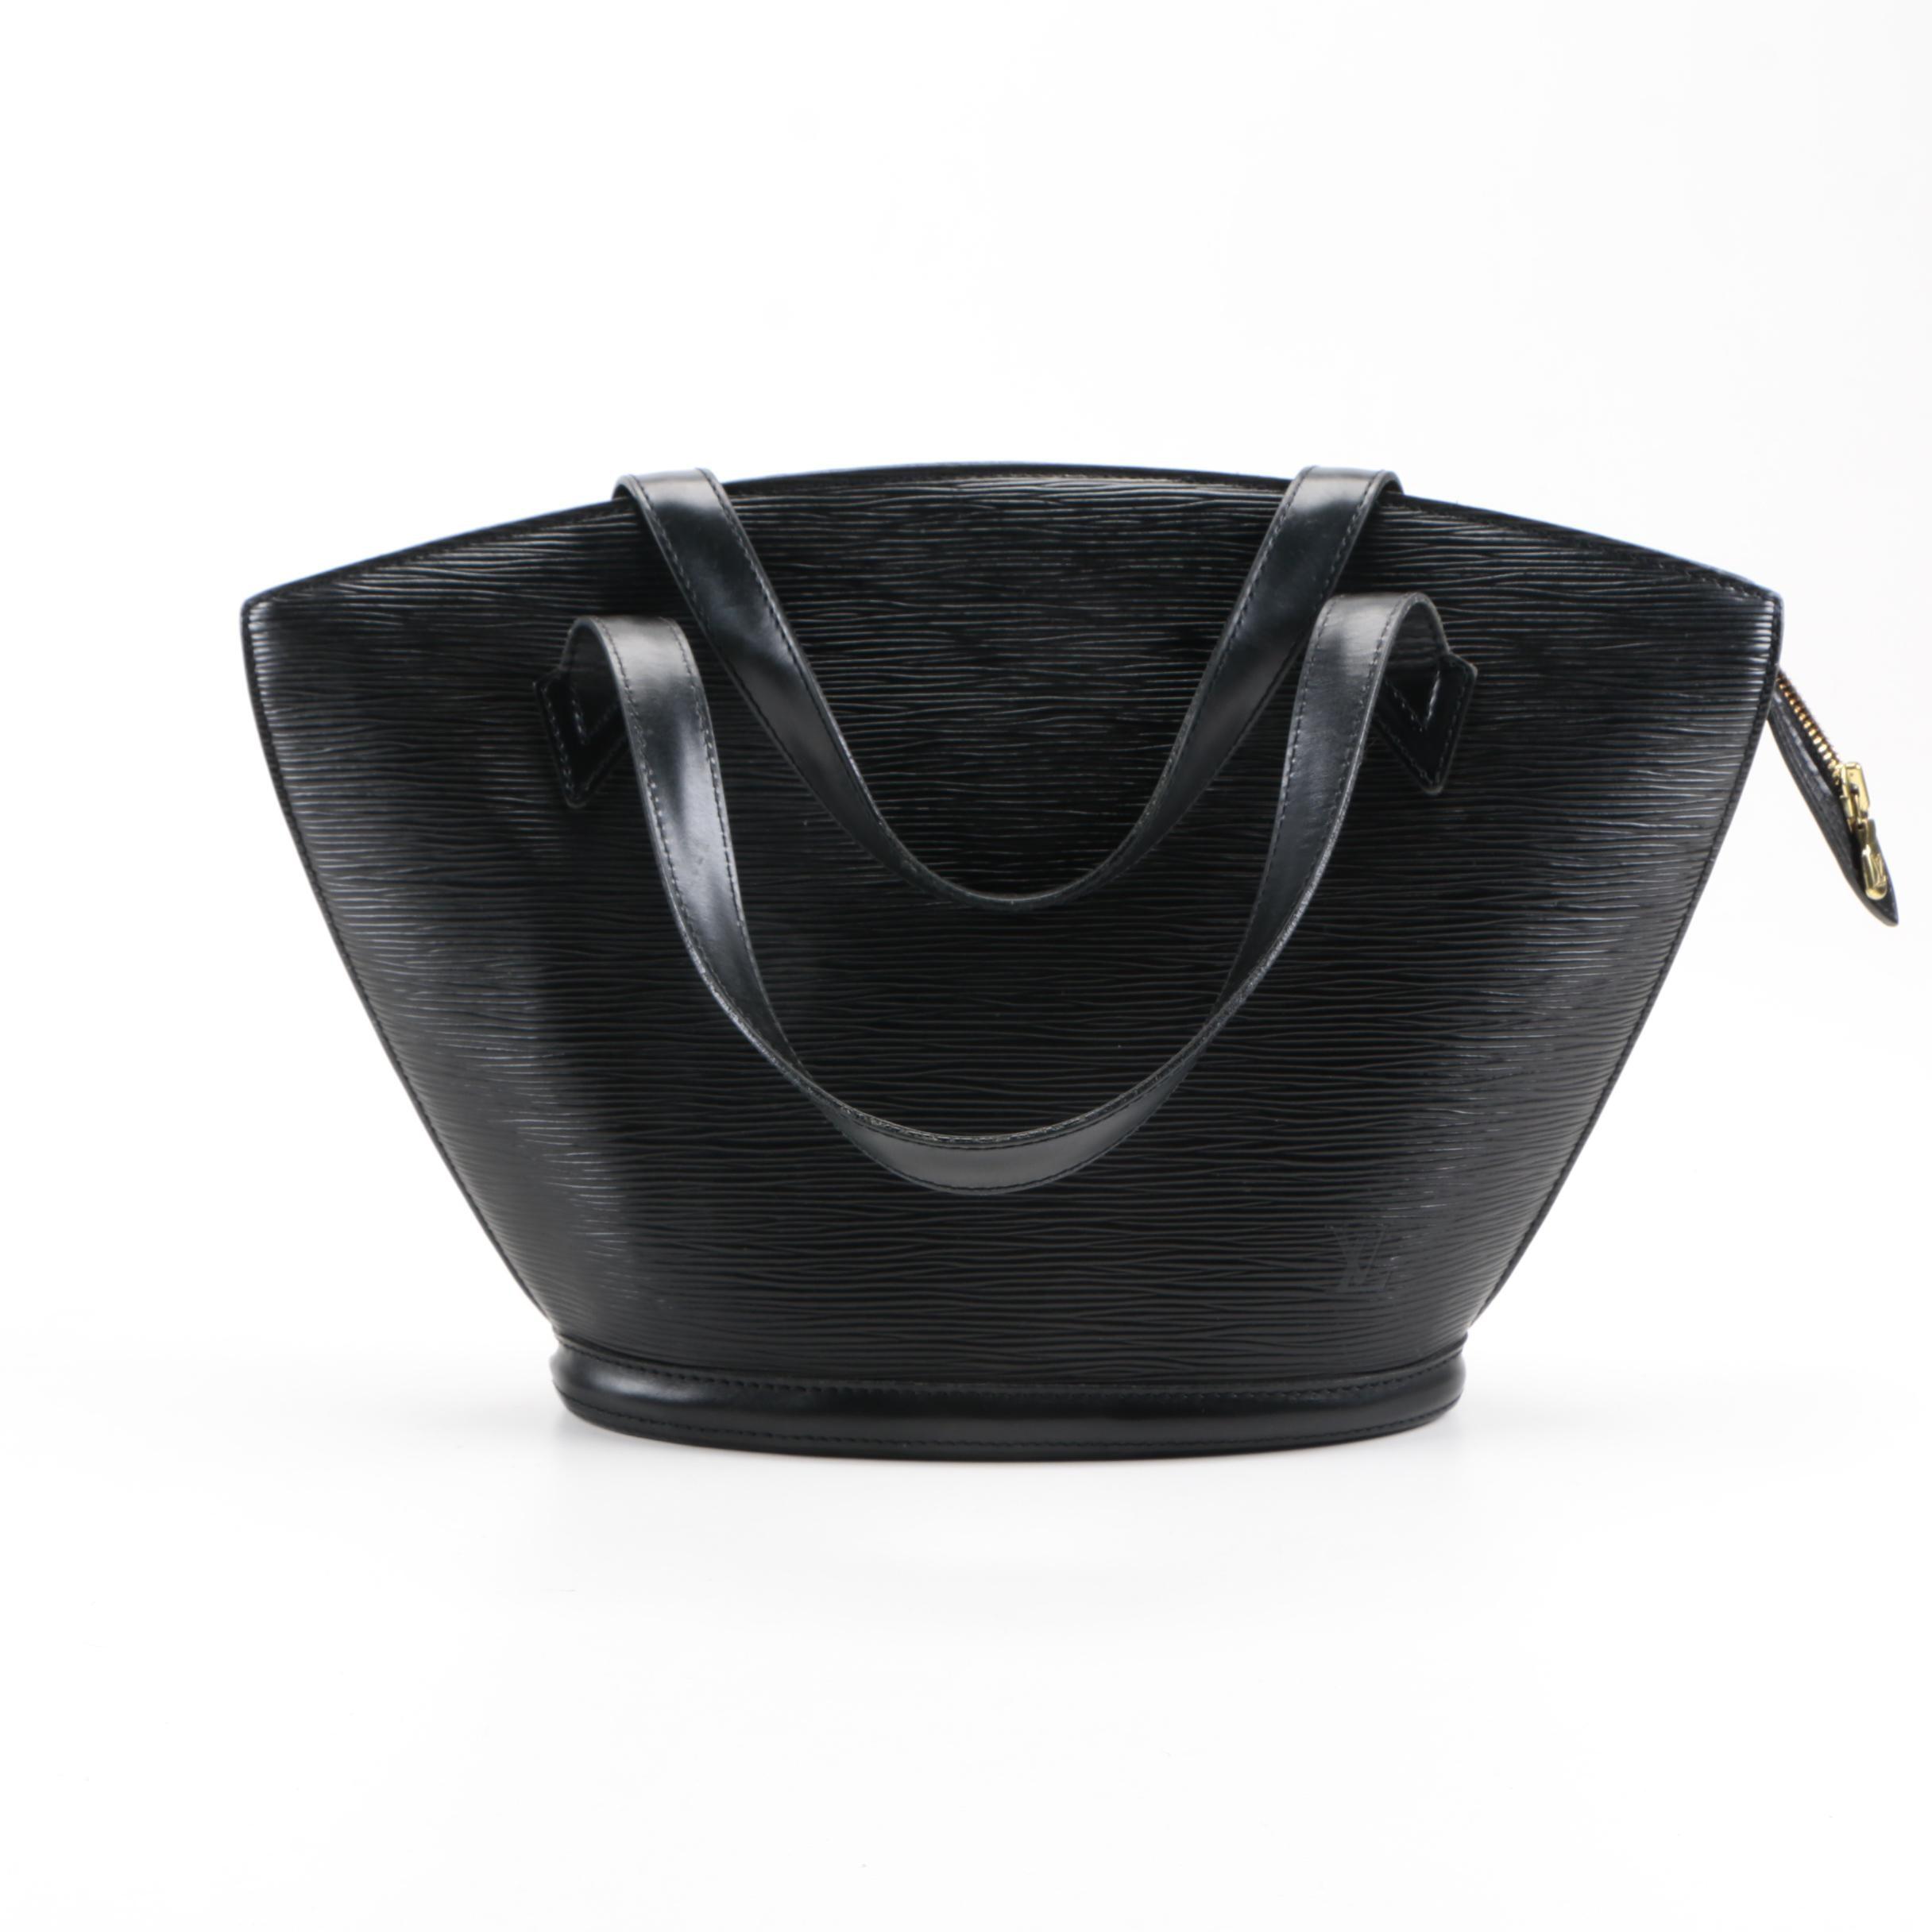 Louis Vuitton Black Saint Jacques Epi Leather Bag